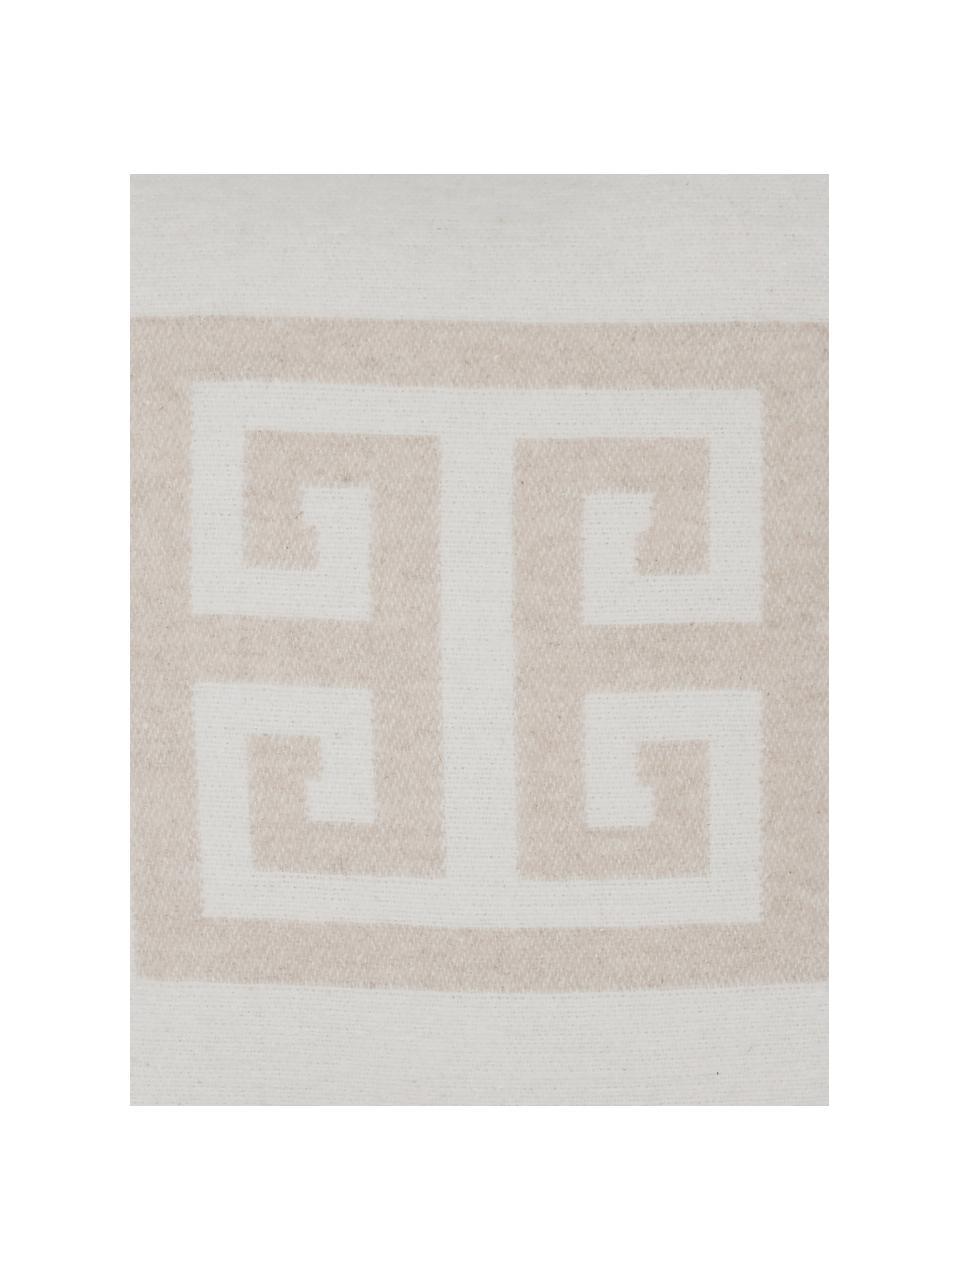 Funda de cojín estampada Lugano, 100%poliéster, Color arena, blanco crudo, An 45 x L 45 cm